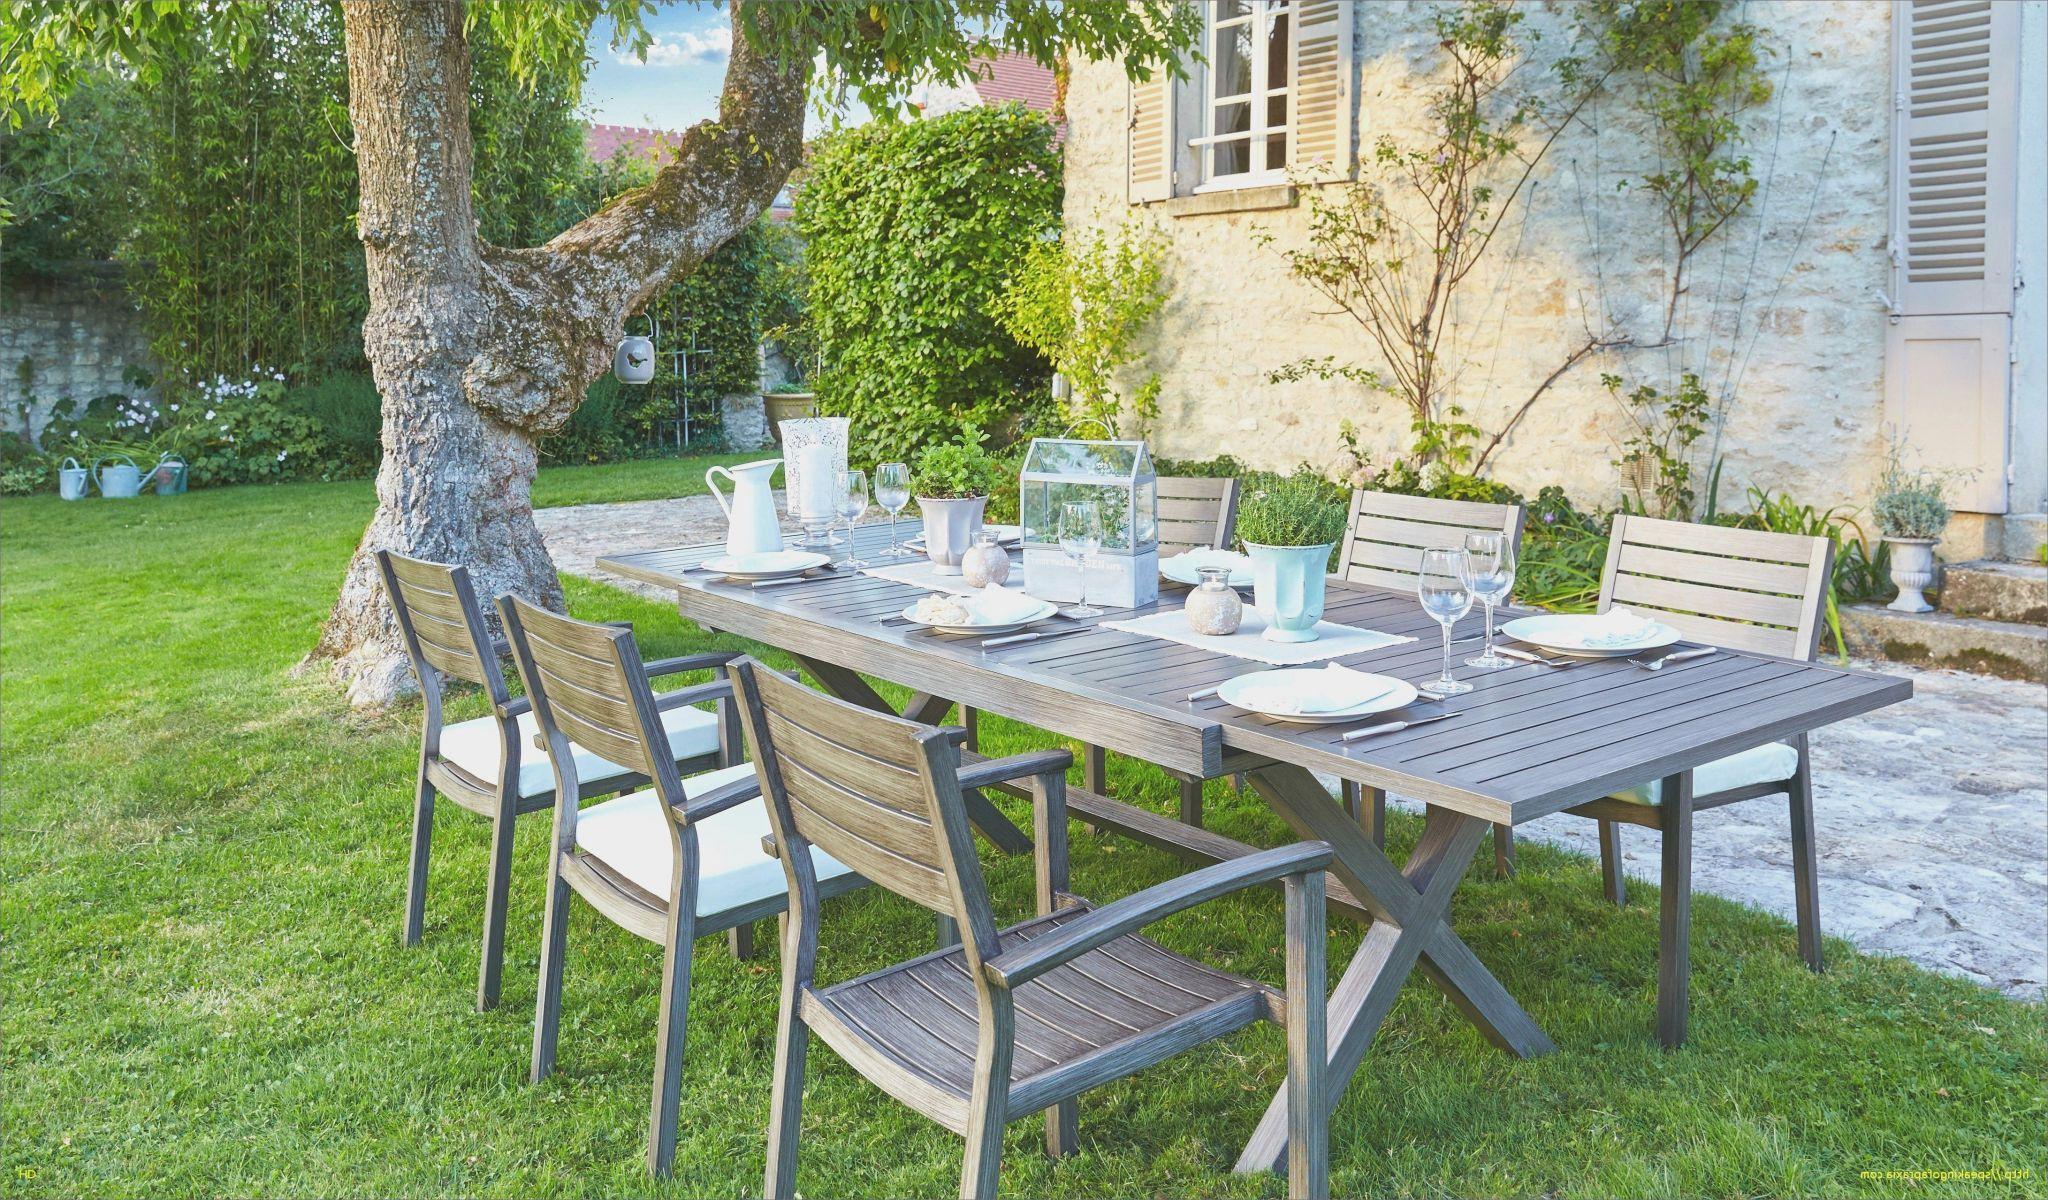 Tonnelle De Jardin Conforama | Outdoor Furniture Sets ... intérieur Ensemble Jardin Carrefour